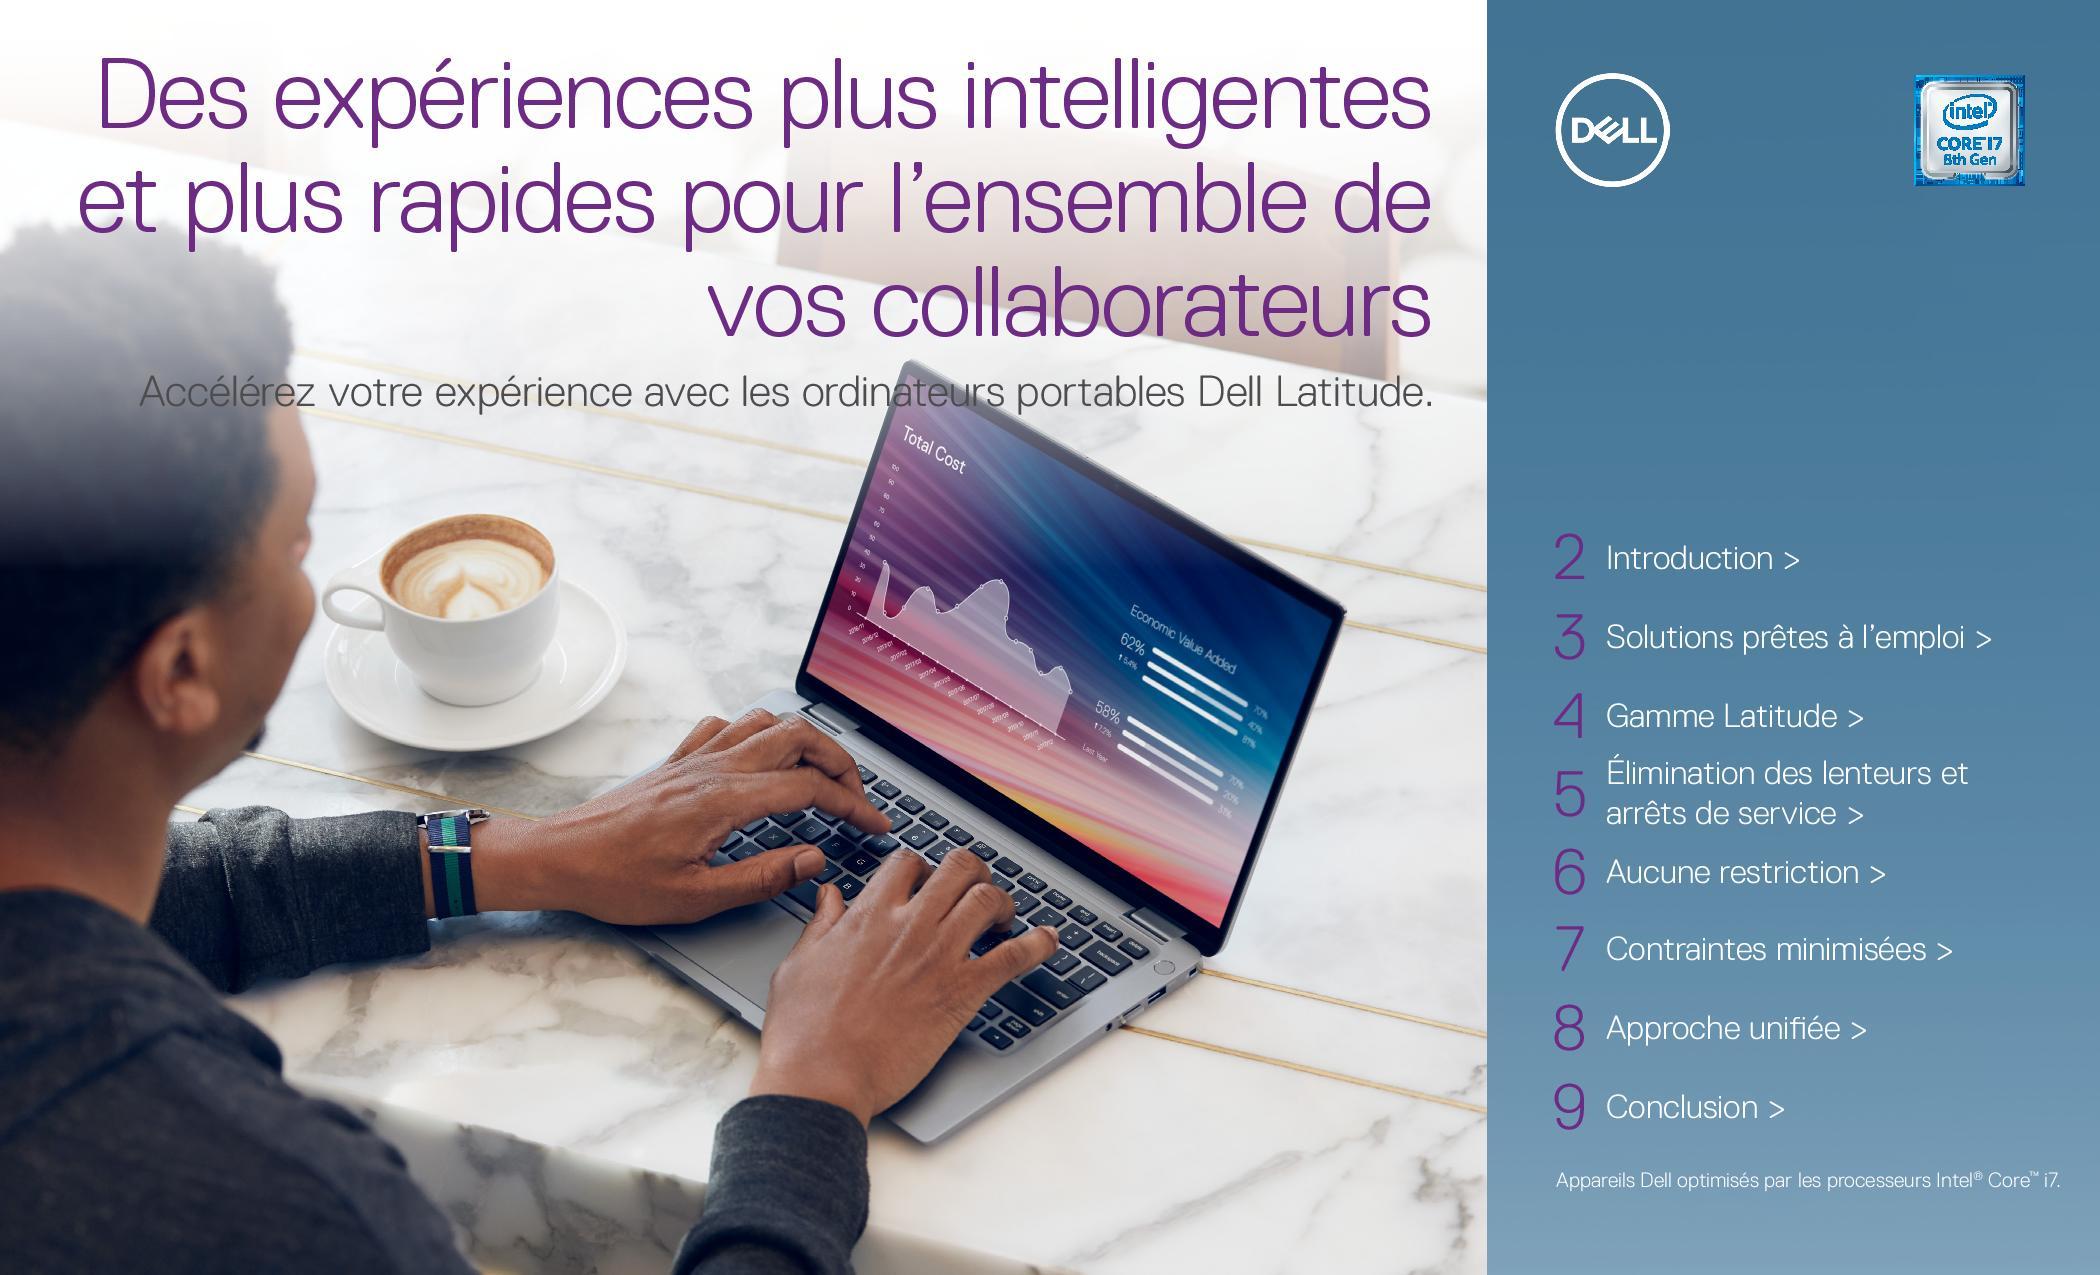 Des expériences plus intelligentes et plus rapides pour l'ensemble de vos collaborateurs : accélérez votre expérience avec les ordinateurs portables Dell Latitude.